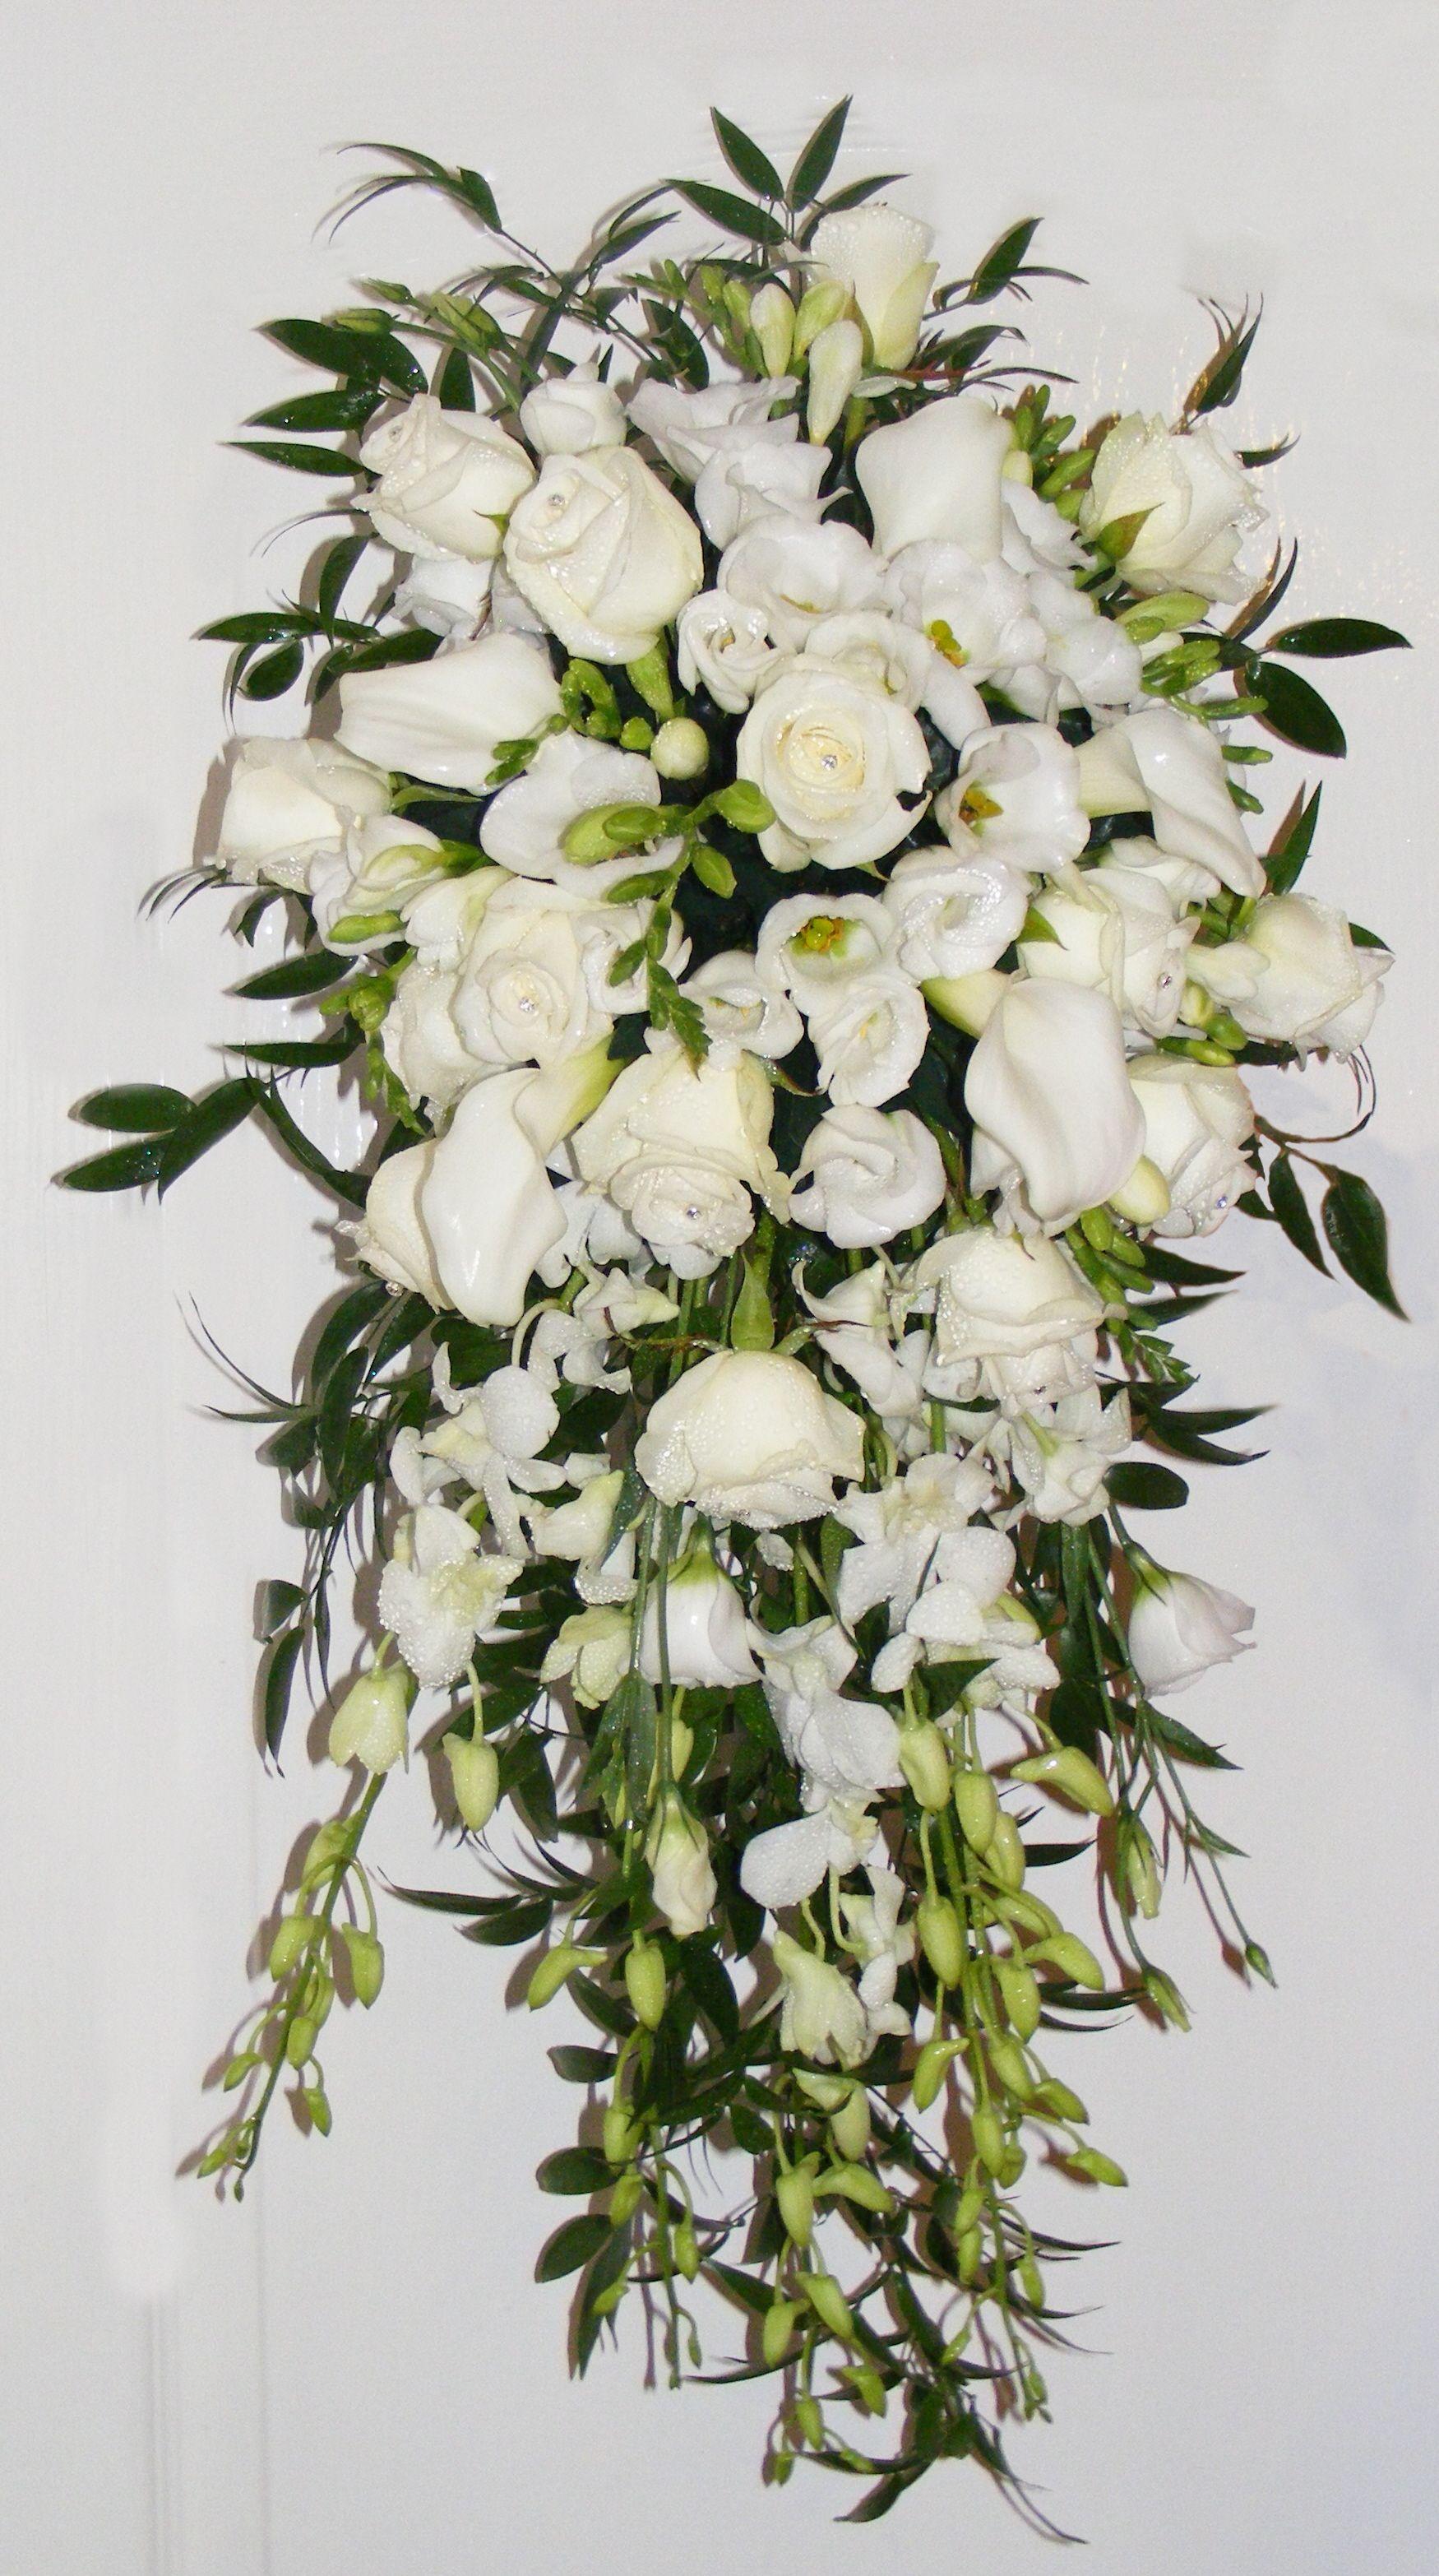 Fresh flower bridal bouquet singapore orchids roses and lisianthus fresh flower bridal bouquet singapore orchids roses and lisianthus mightylinksfo